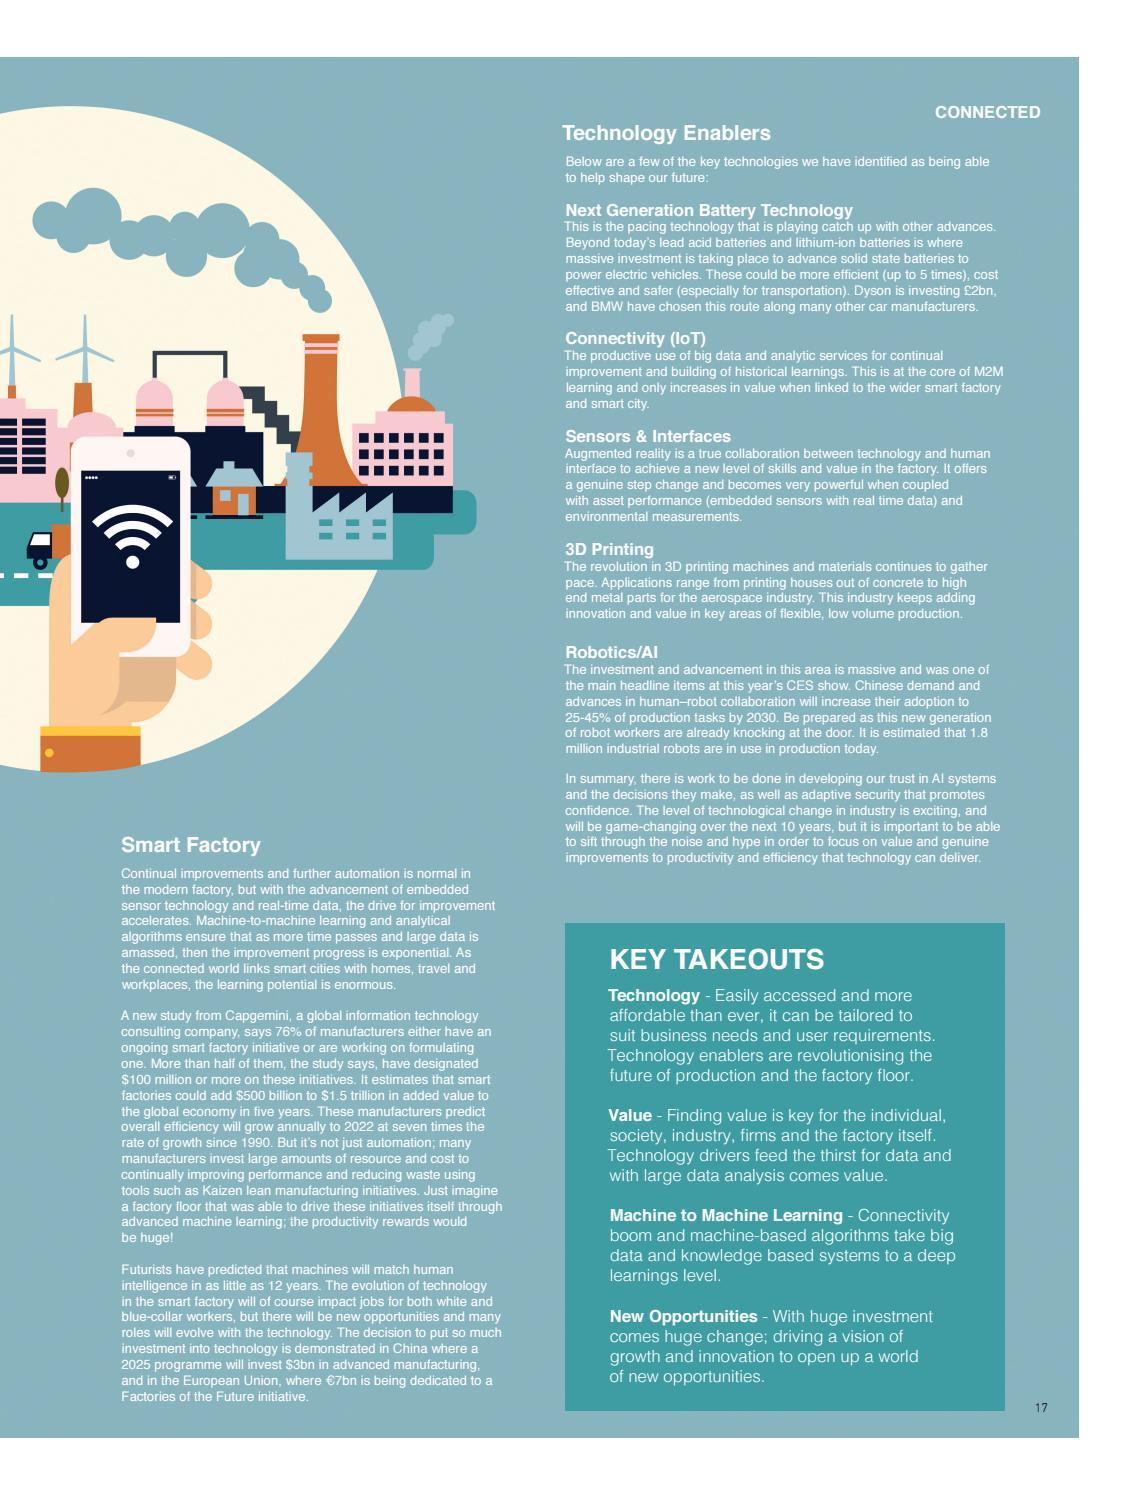 Focus by Kinneir Dufort: Connected by Kinneir Dufort - issuu